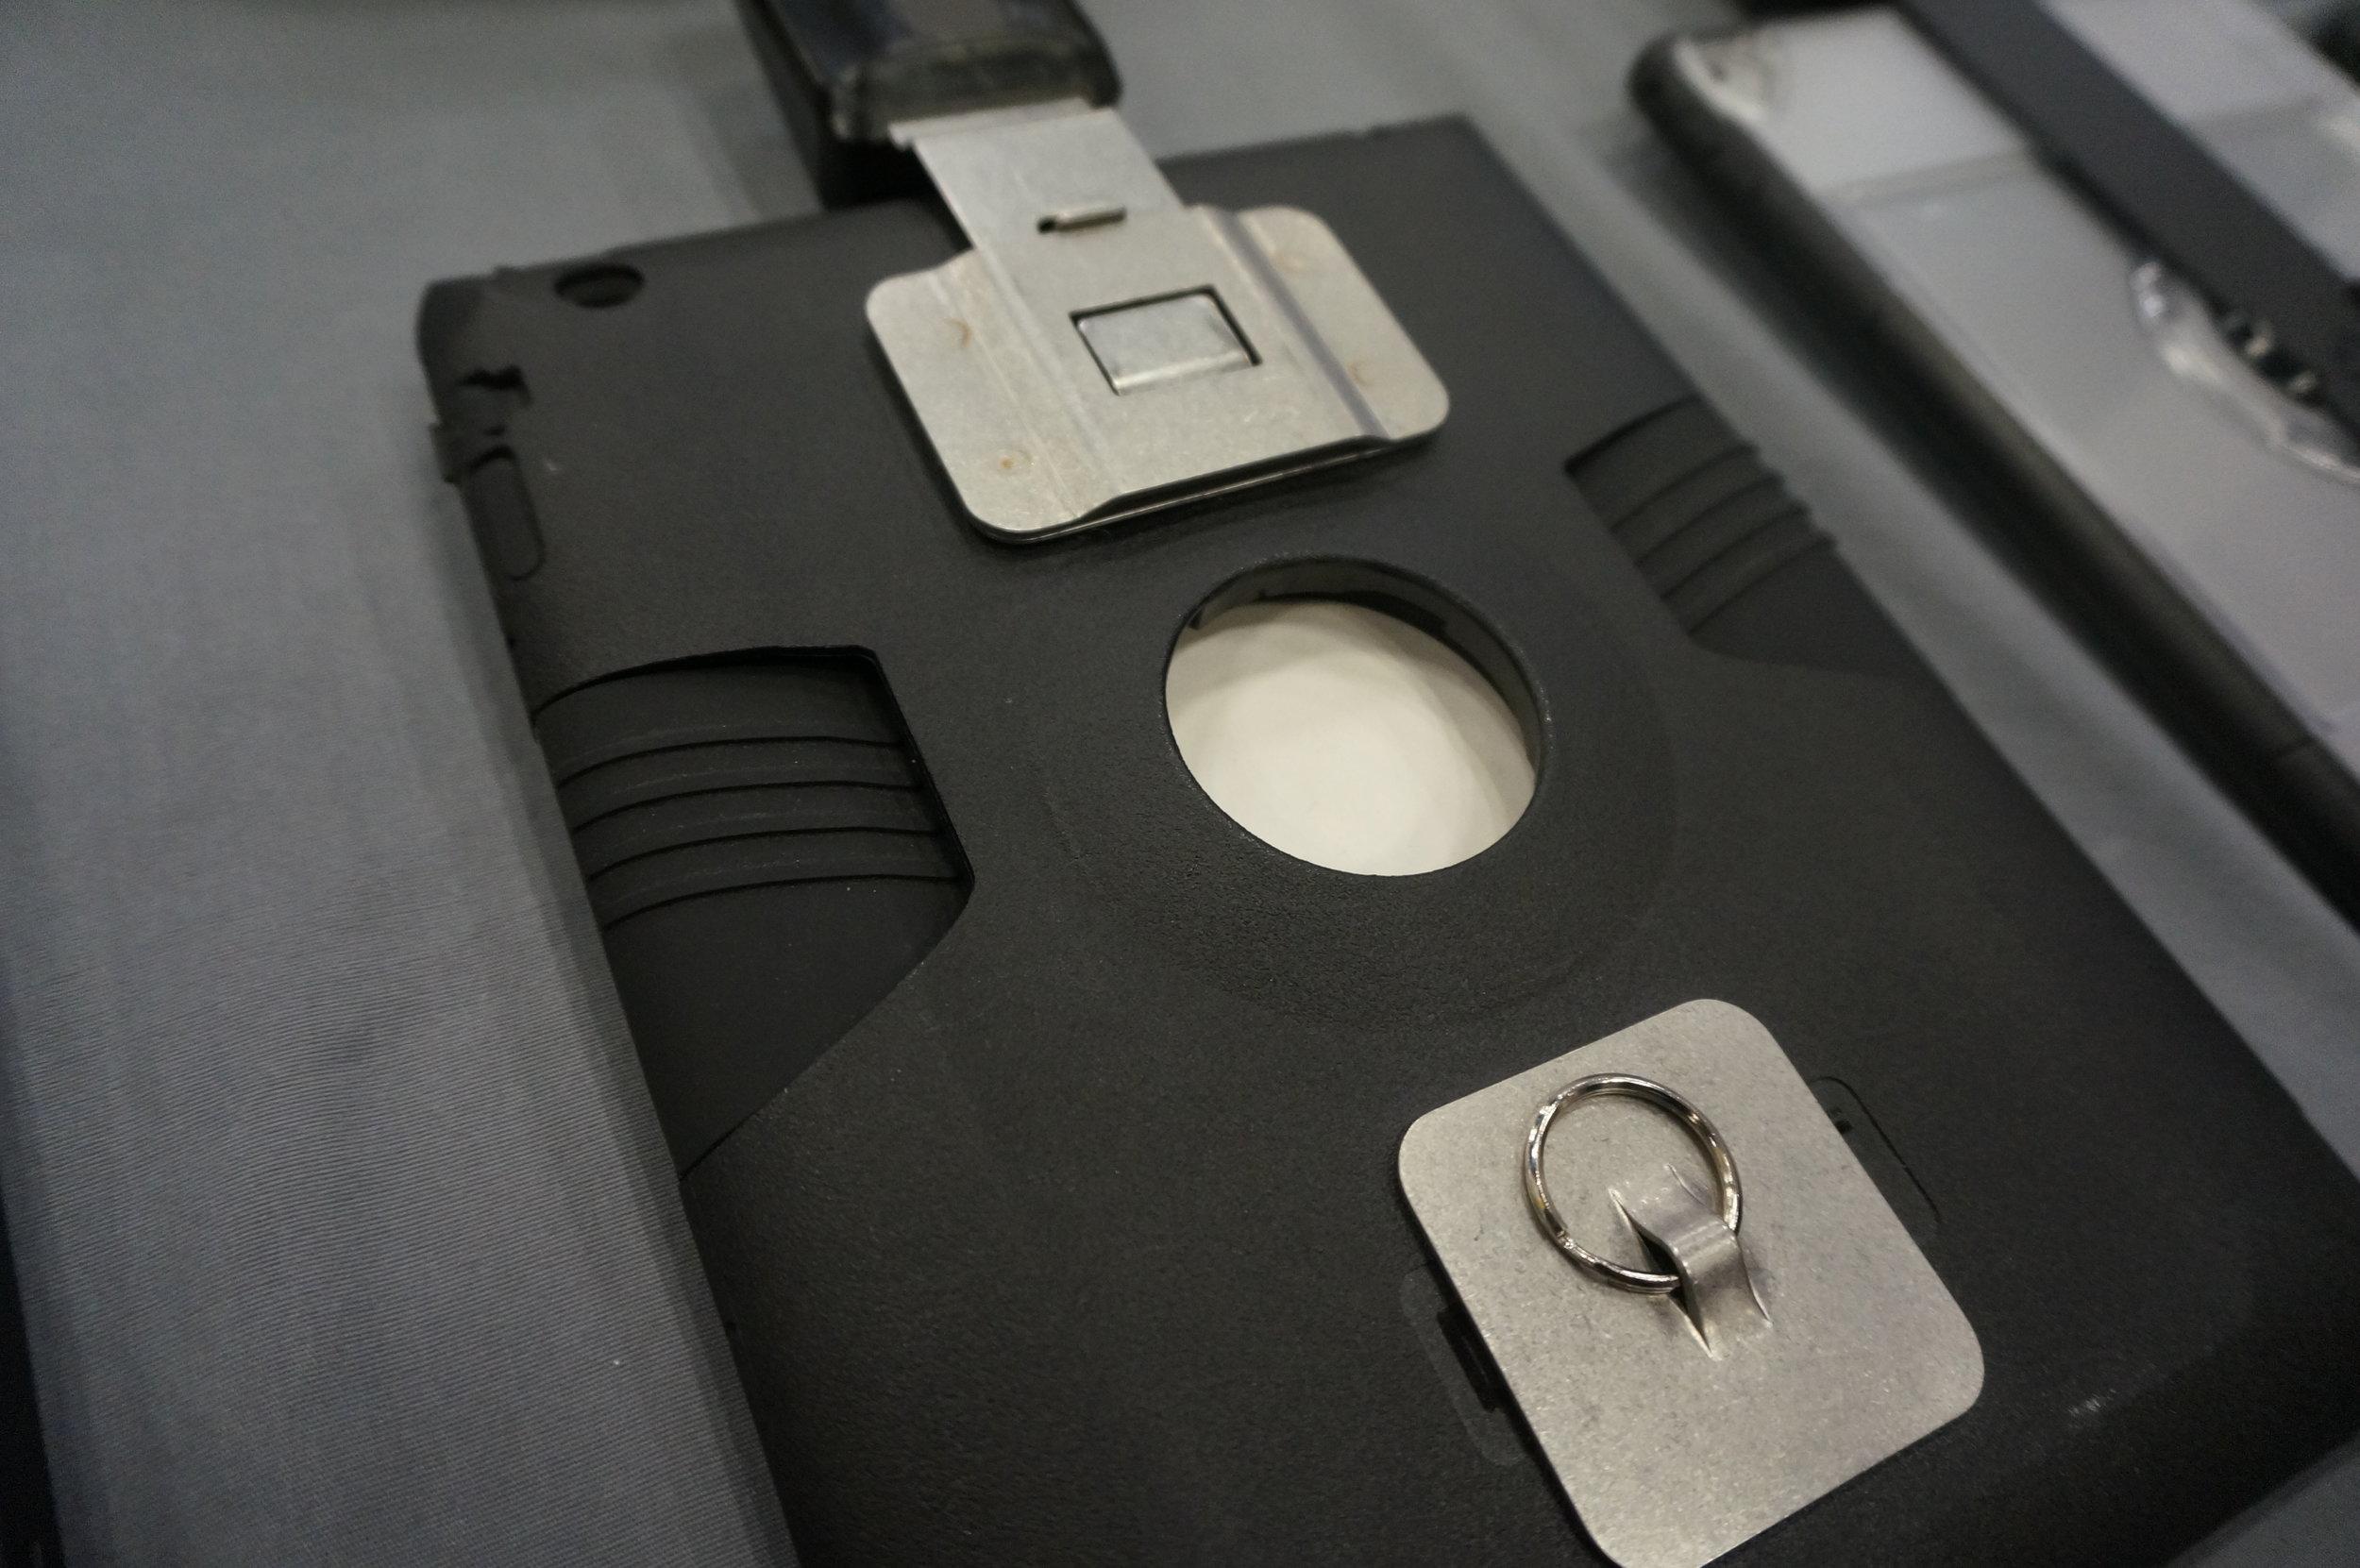 Runnur Universal Tablet Belt Clip